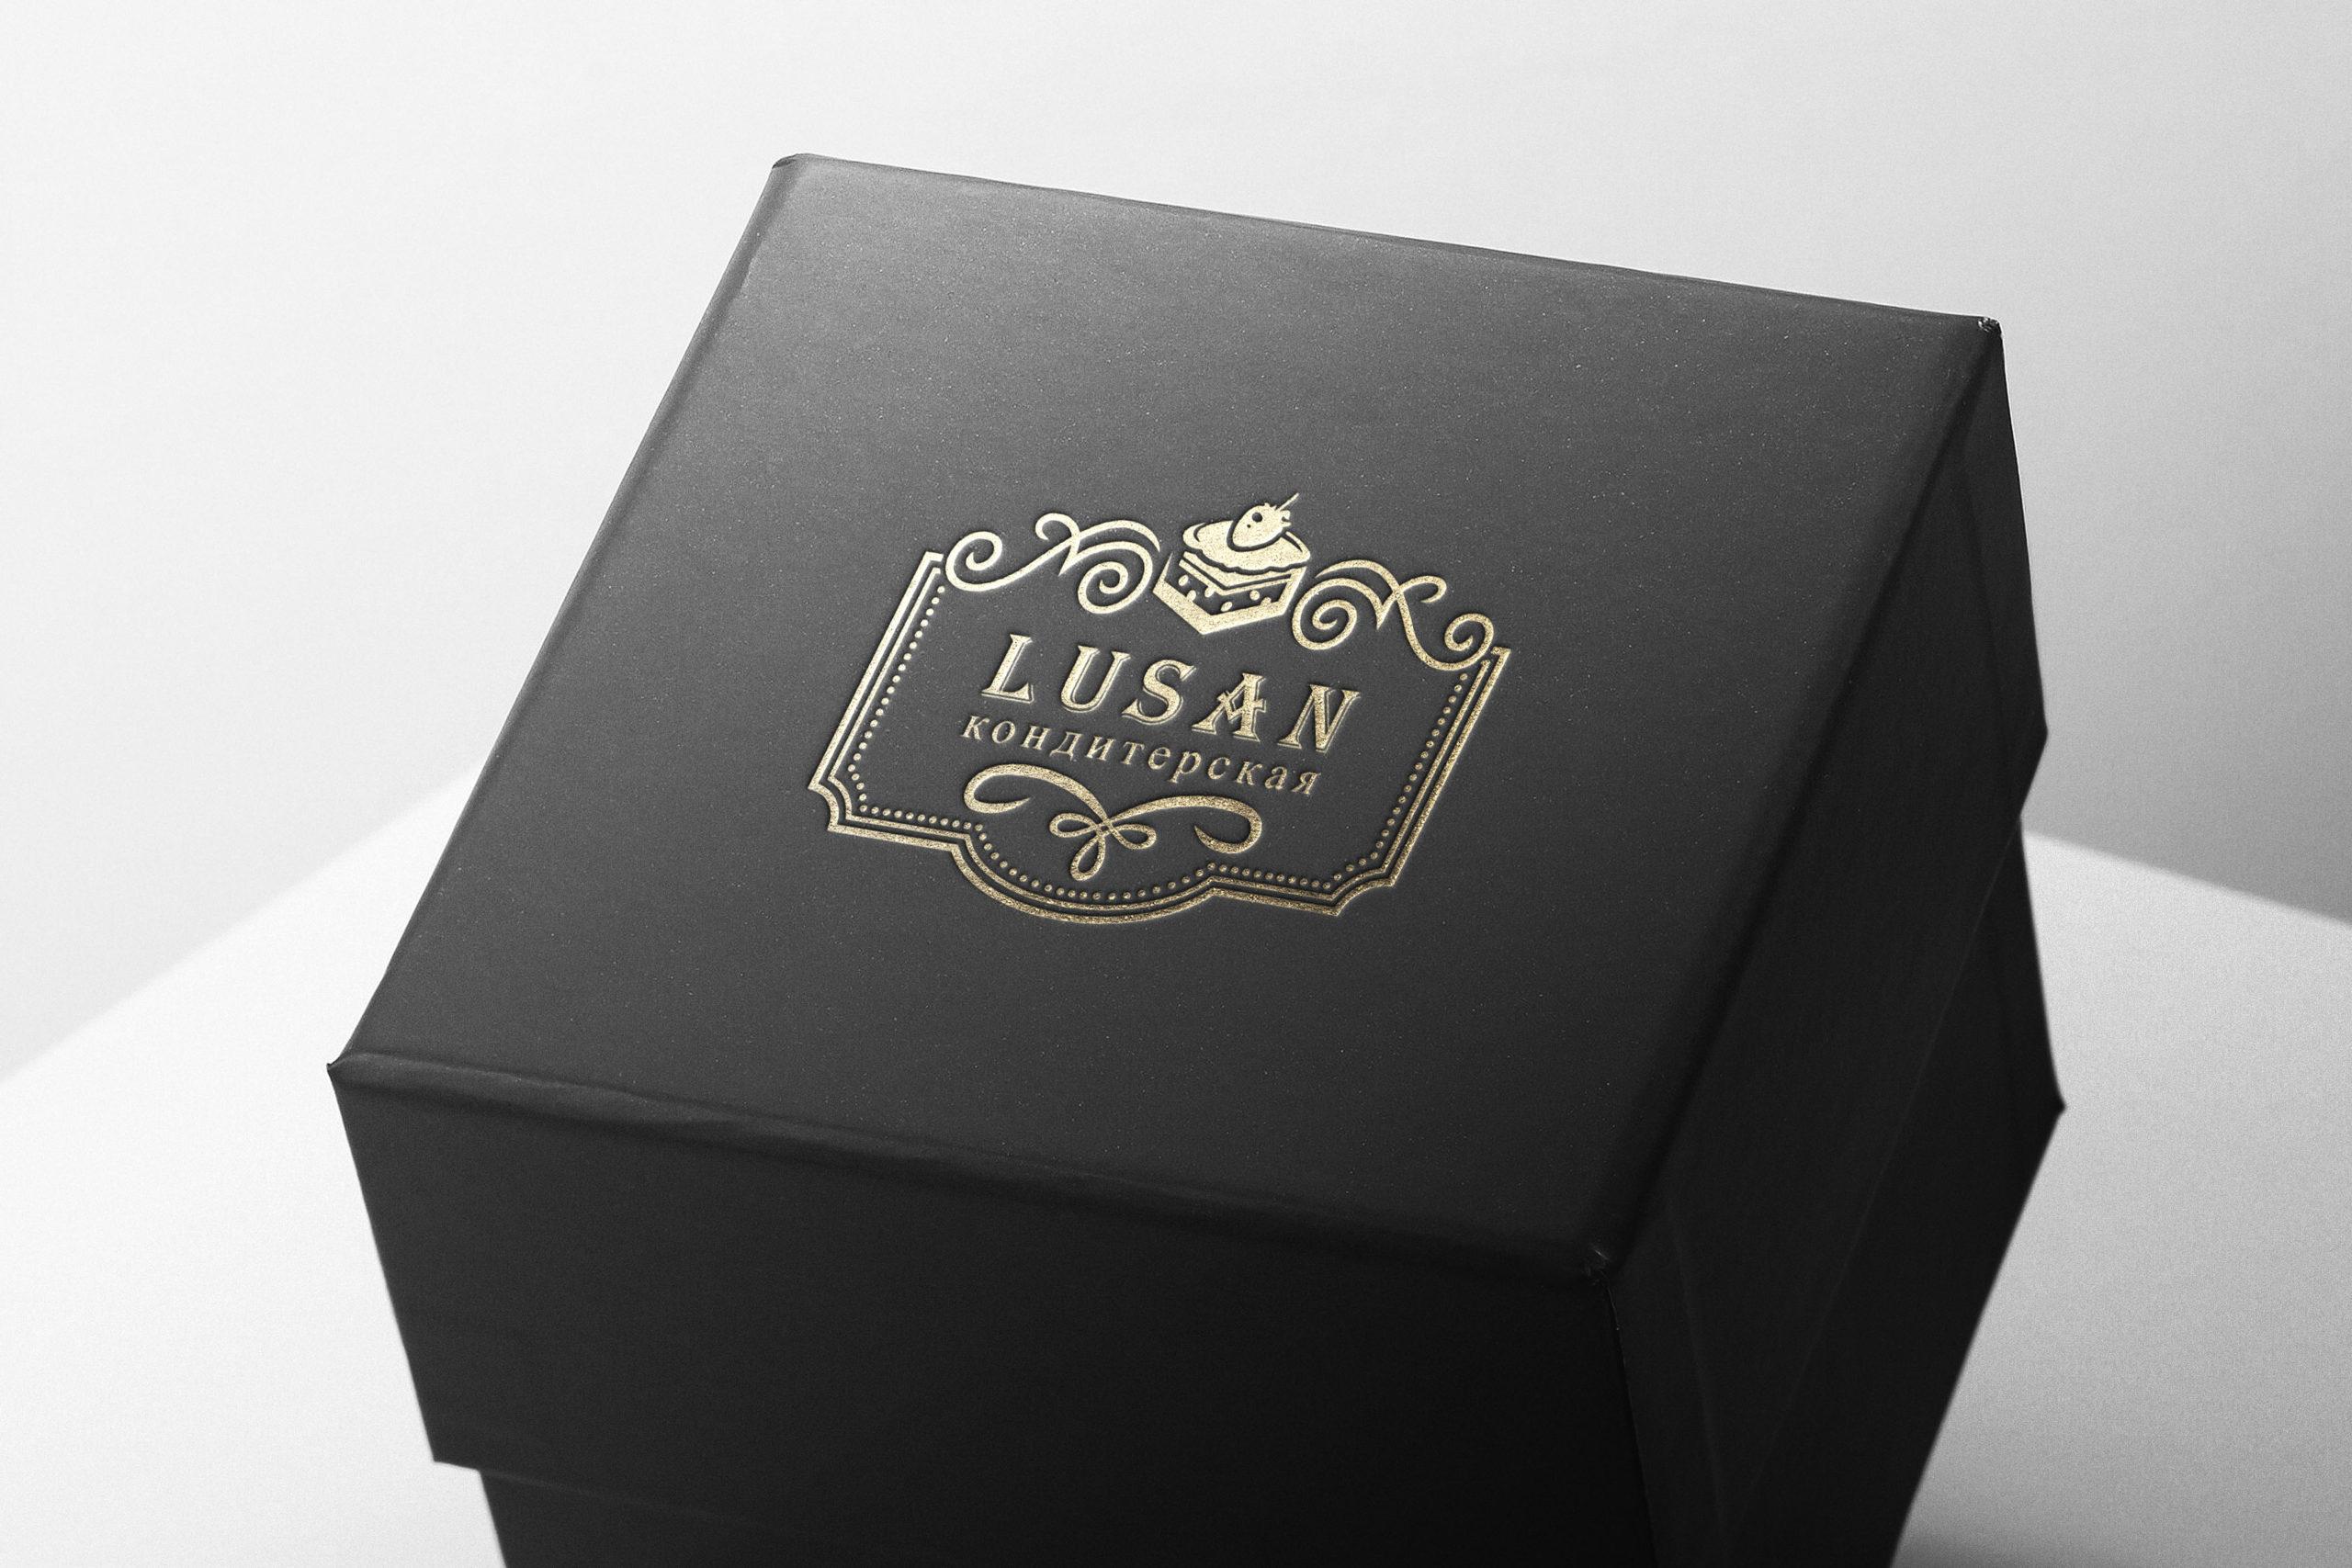 логотип кондитерской на коробке